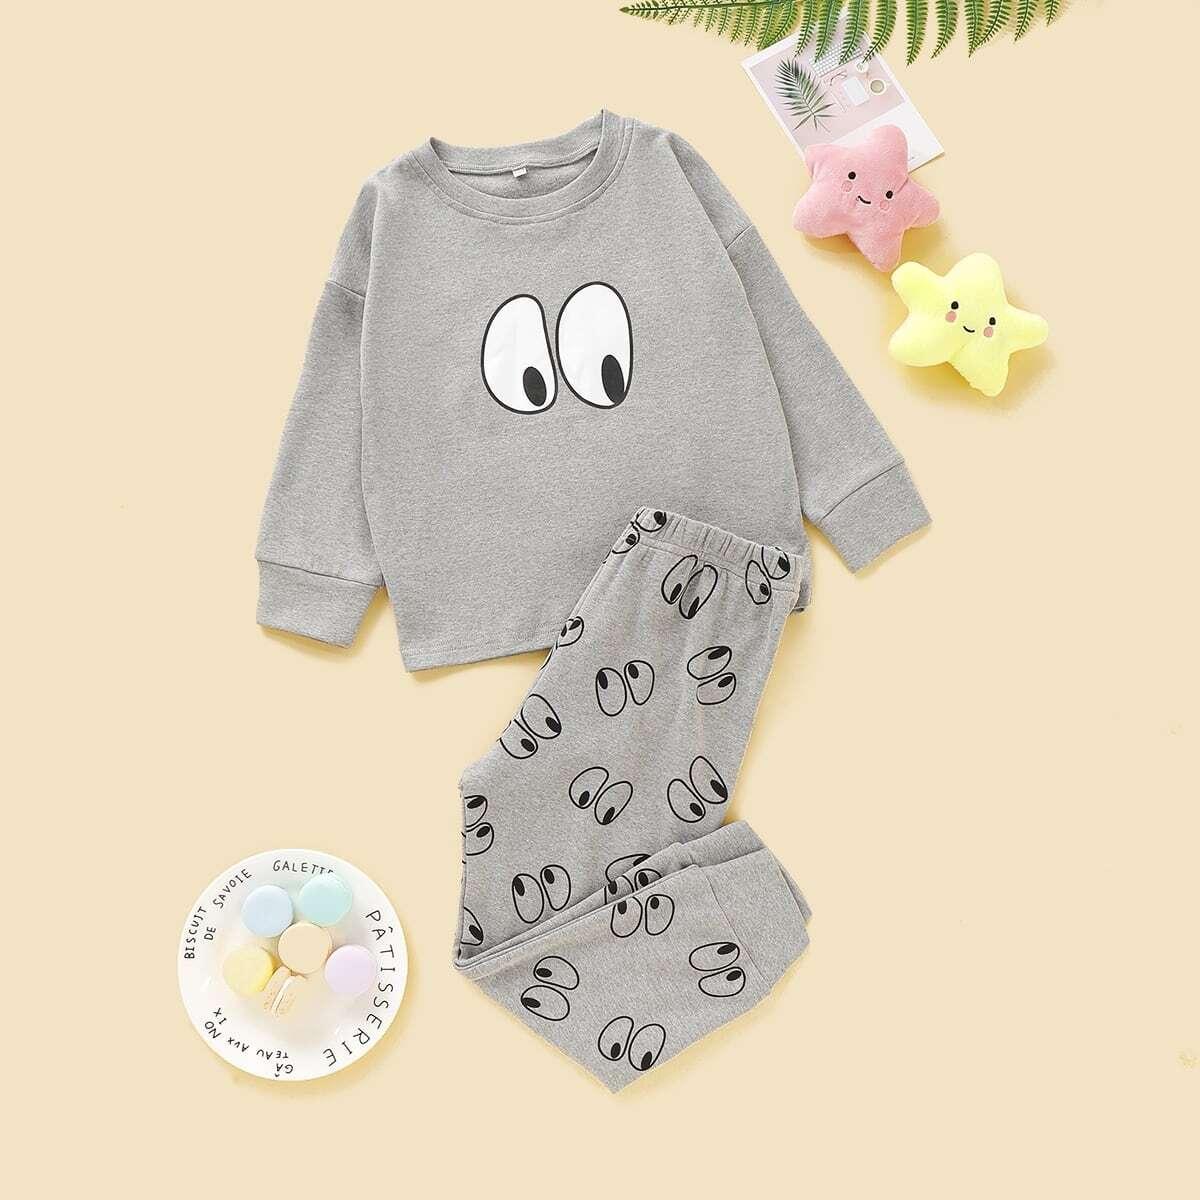 Grijs Casual Spotprent Kleutermeisje pyjamas